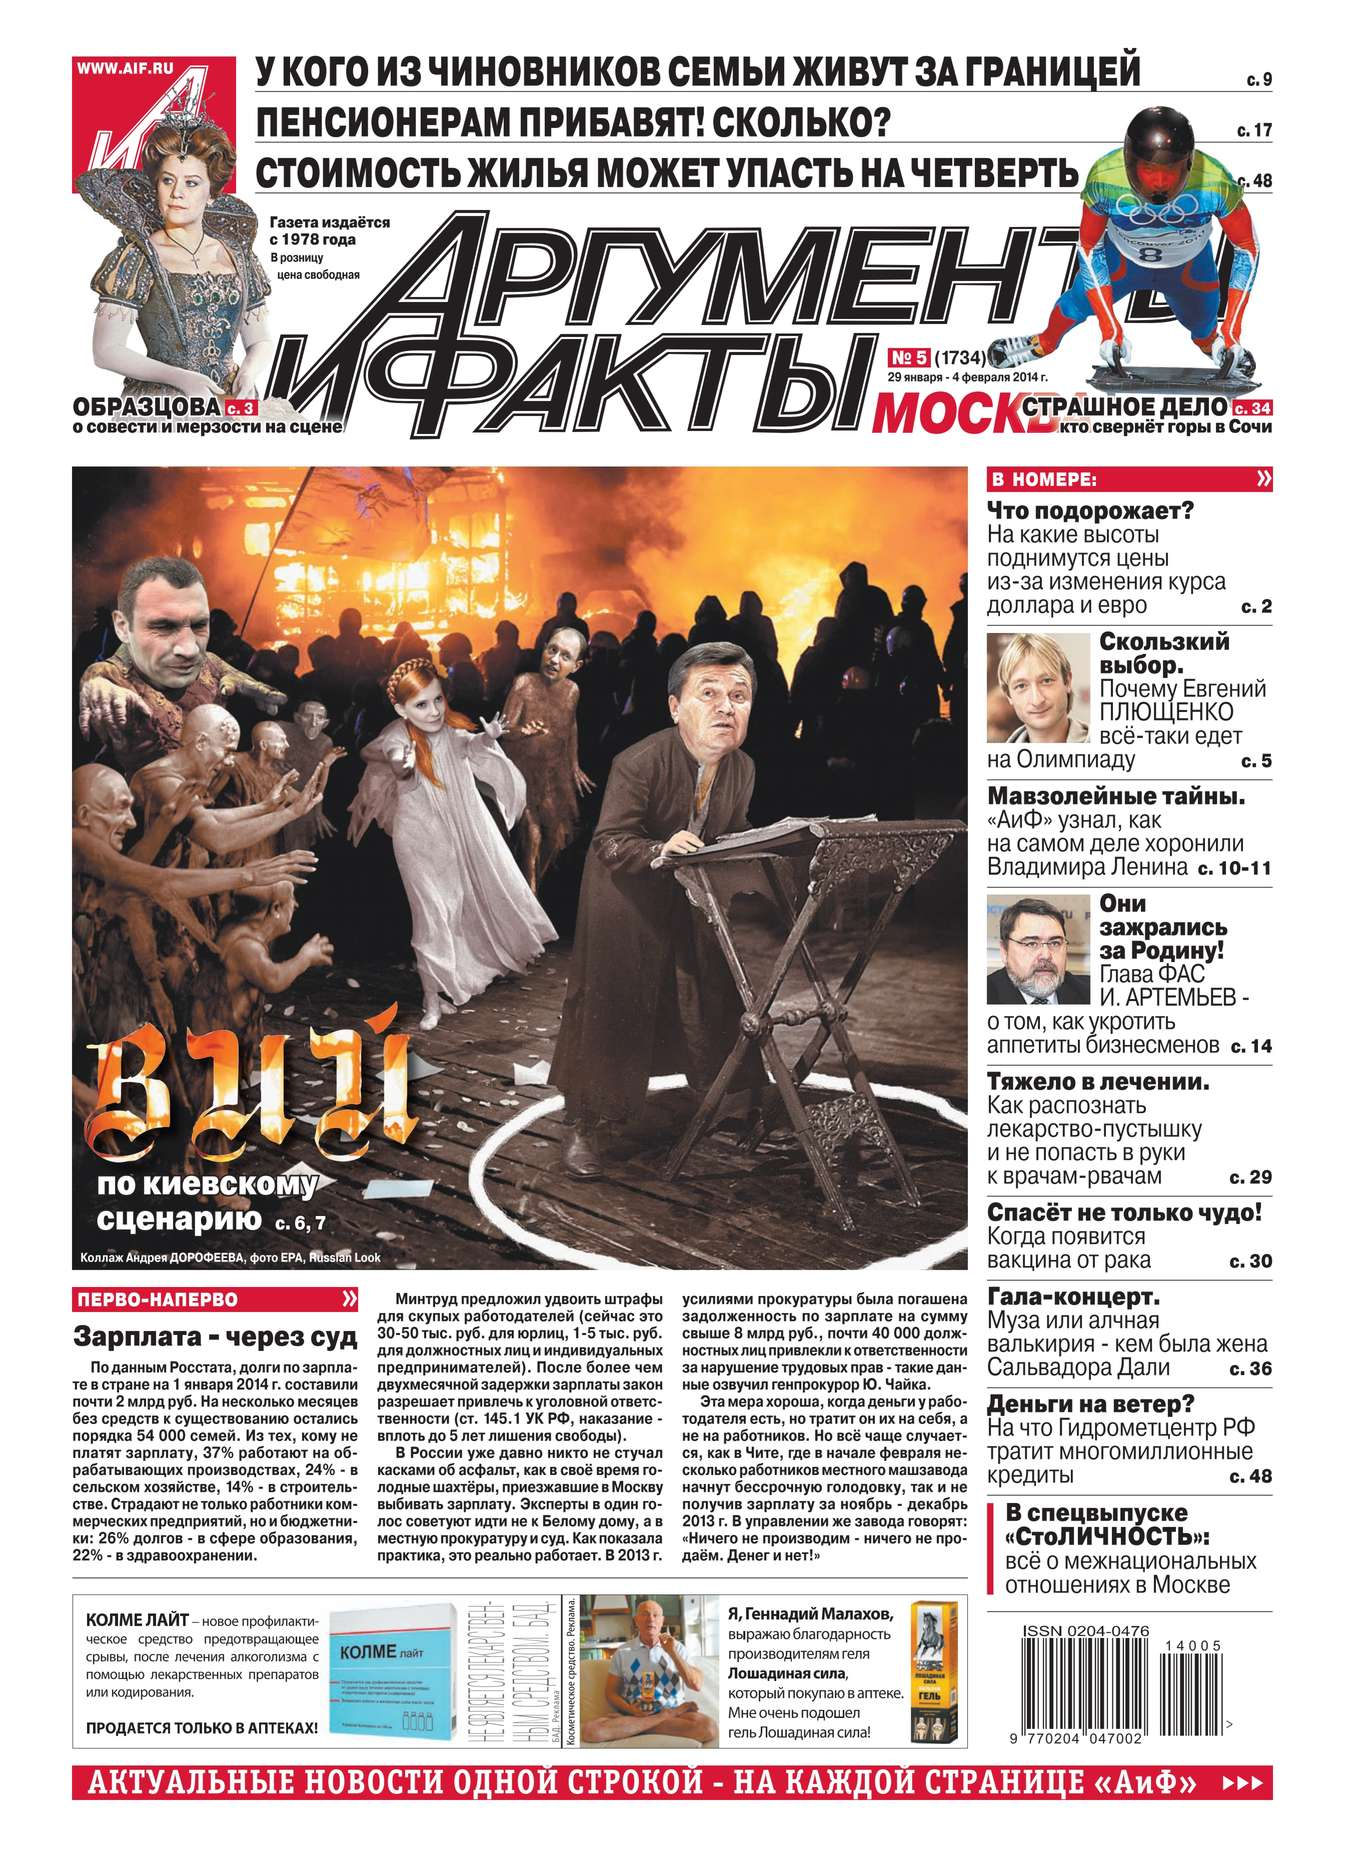 Редакция журнала Аиф. Про Кухню Аргументы и факты 05-2014